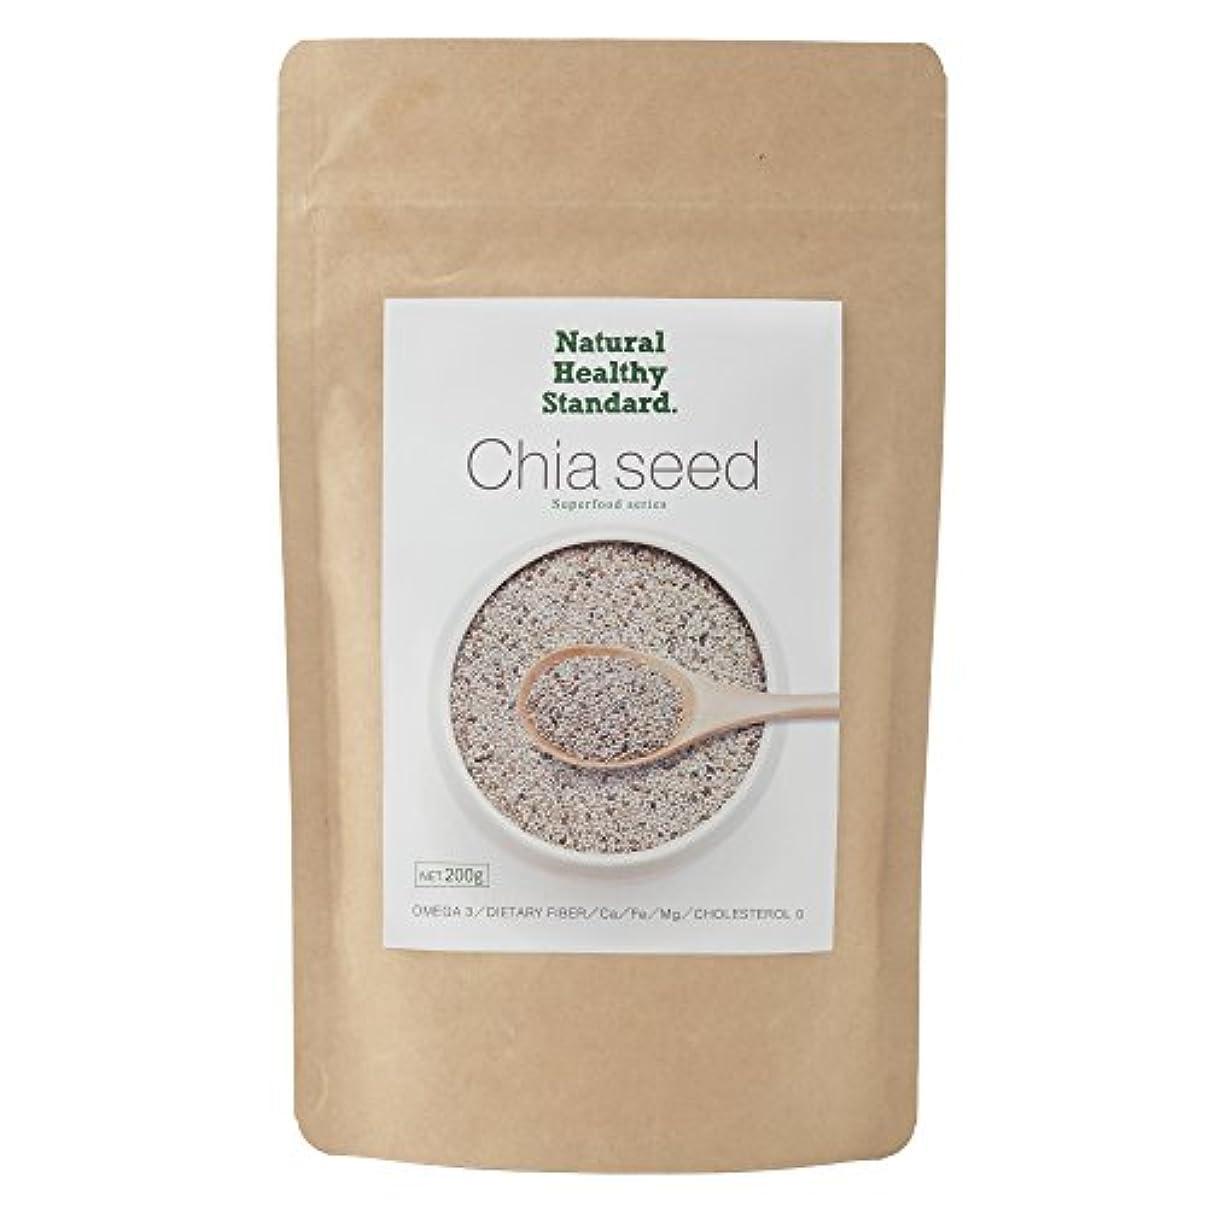 ミルク責任バラバラにするNatural Healthy Standard ホワイトチアシード 200g